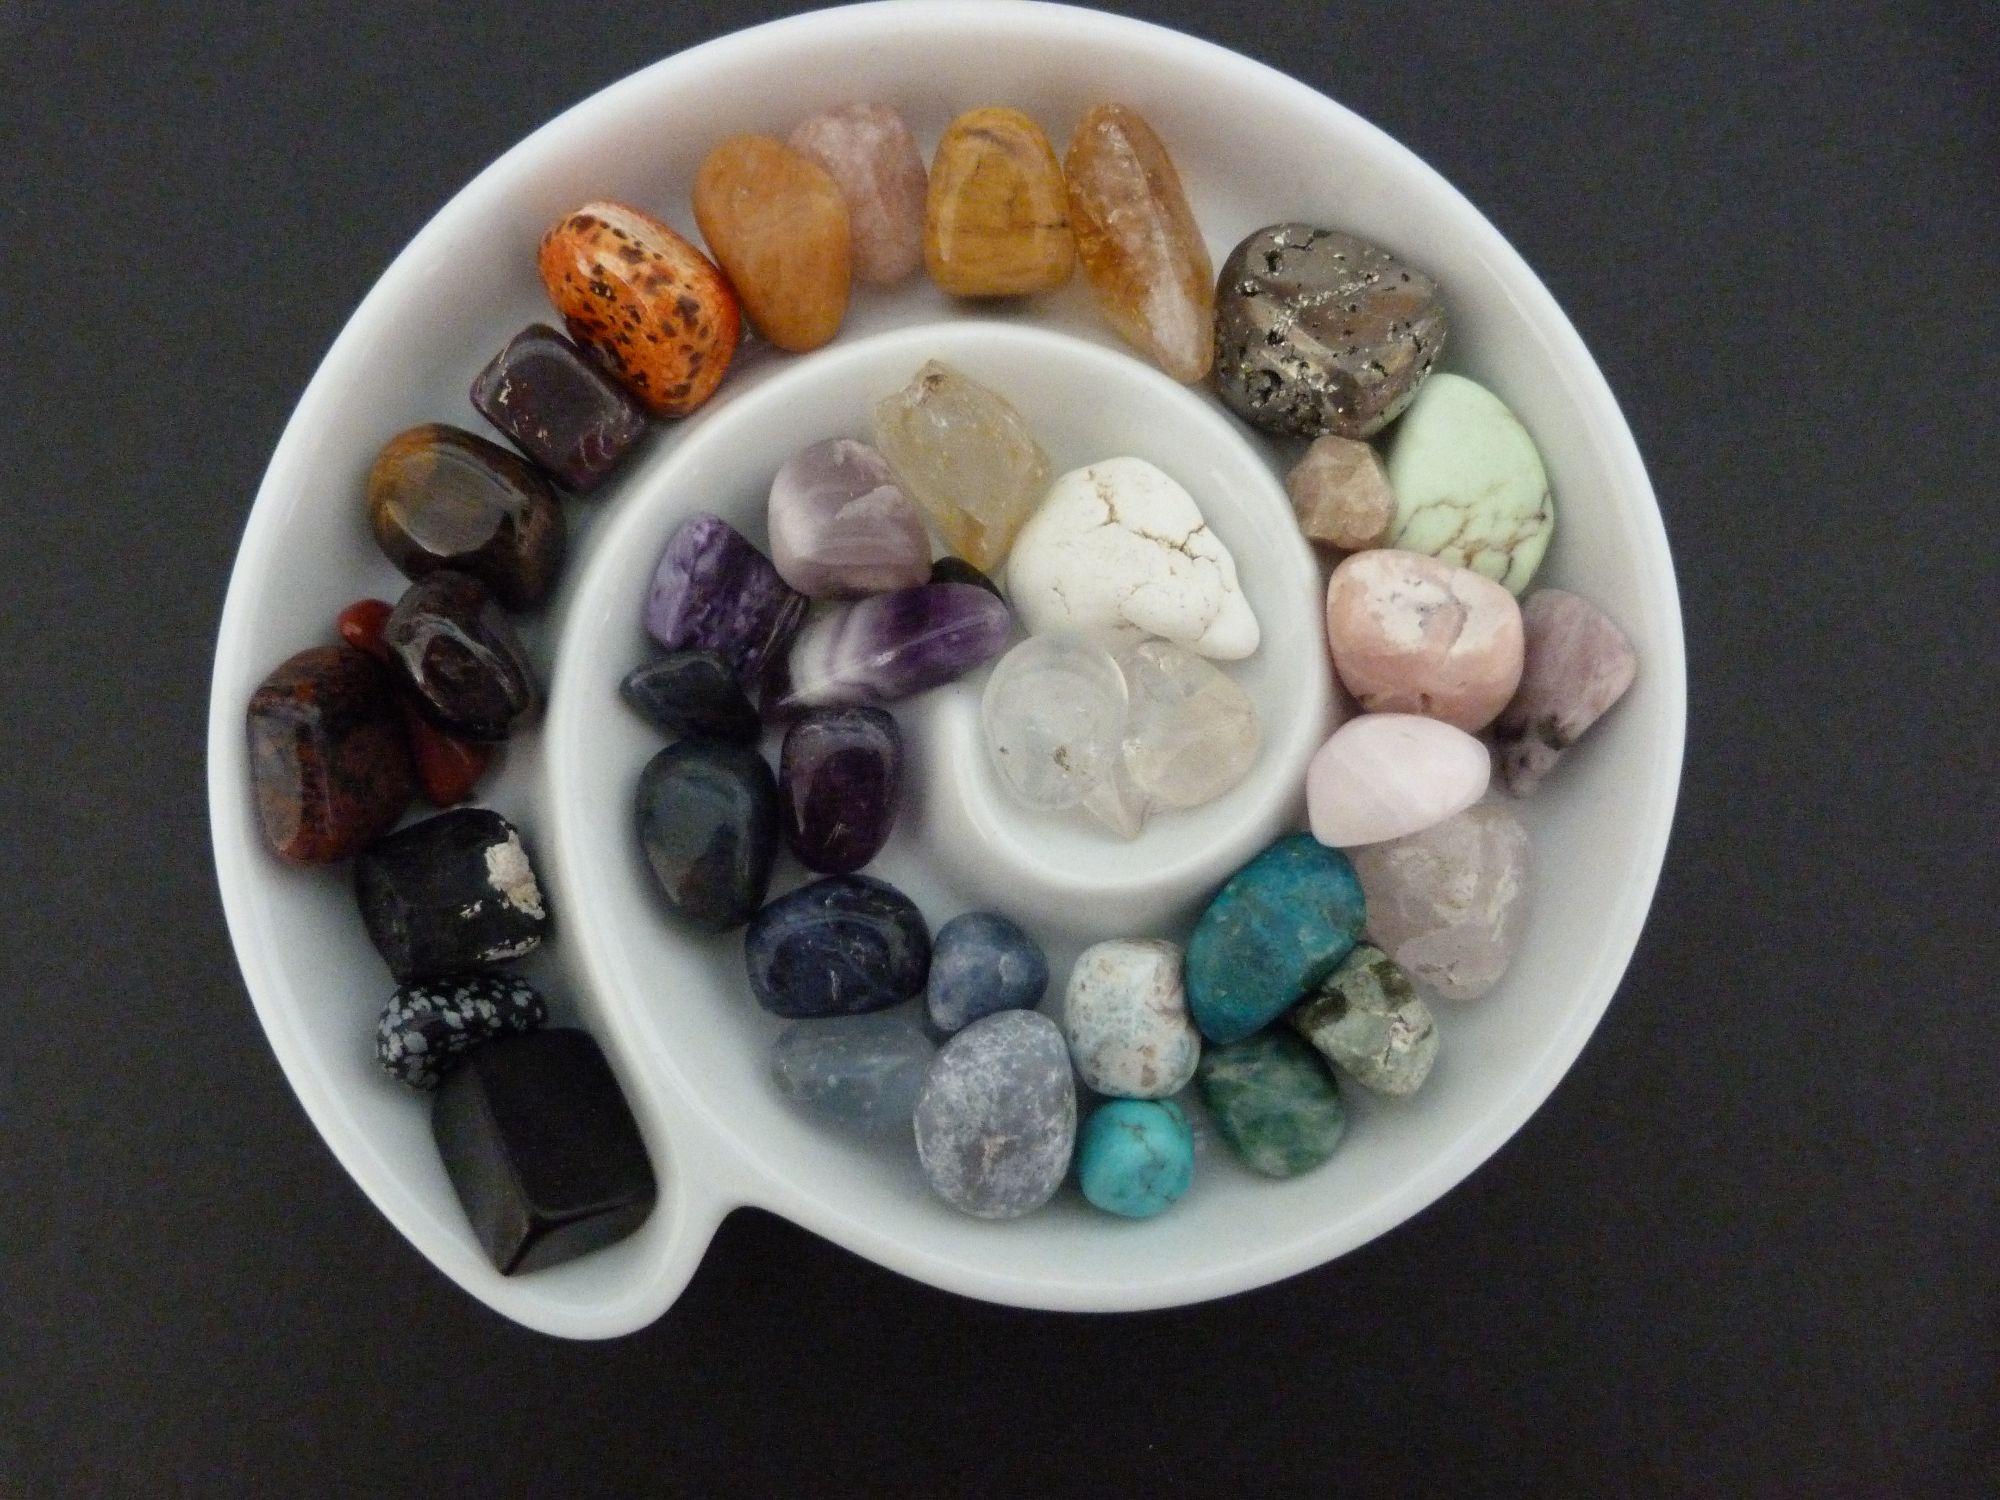 Dish of crystals